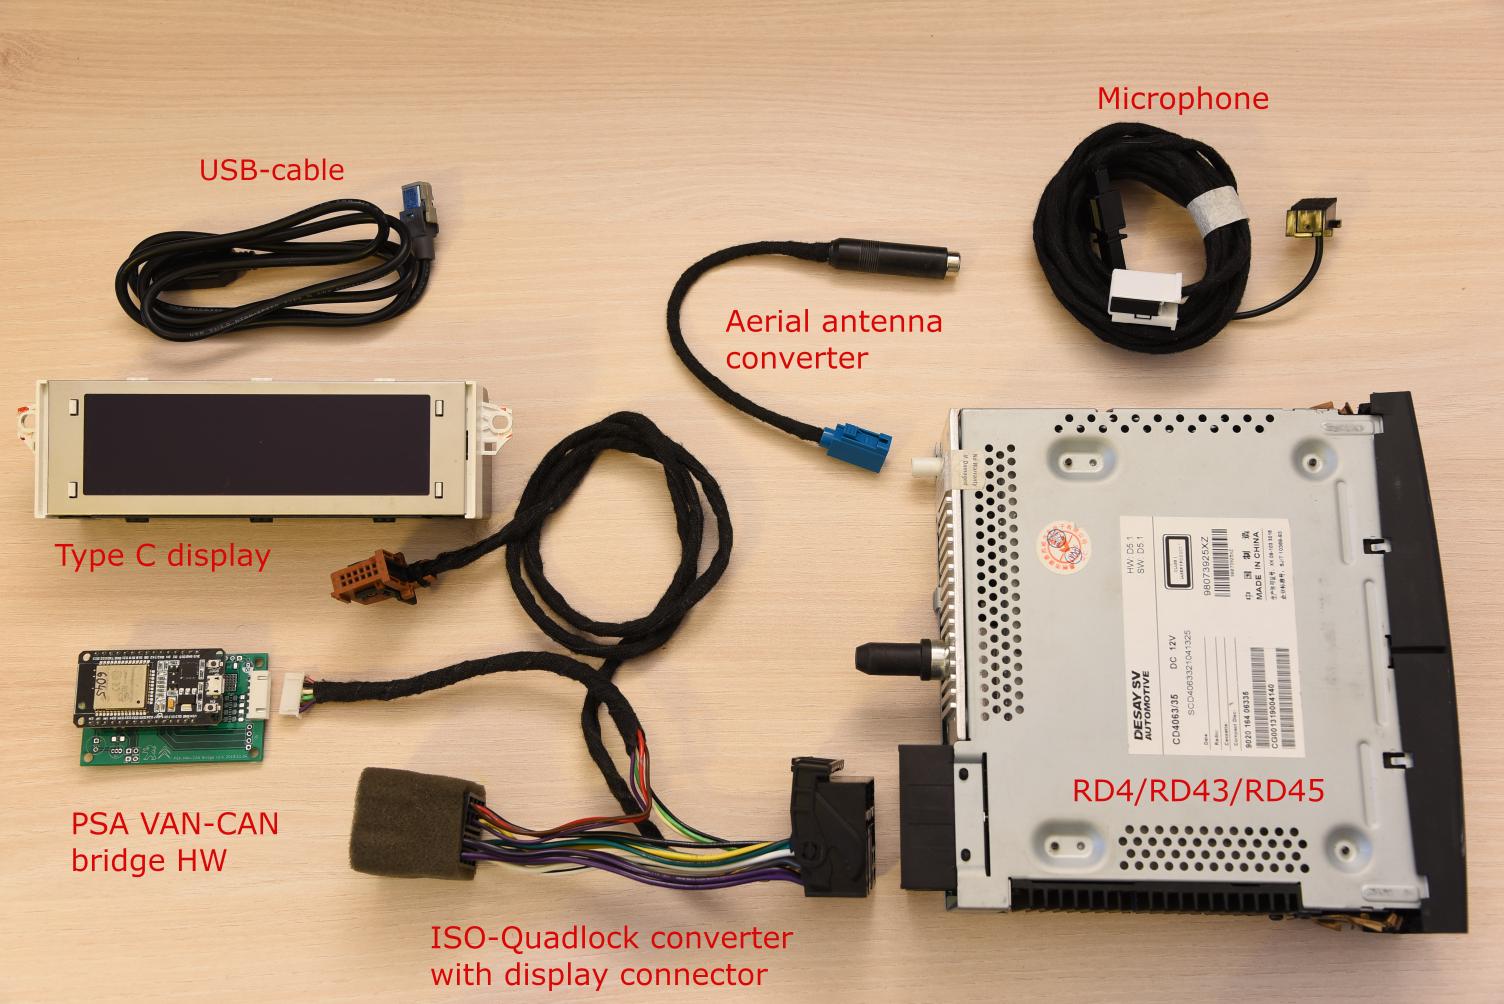 RD45 avec un nouveau module qui remplace le V2C Components